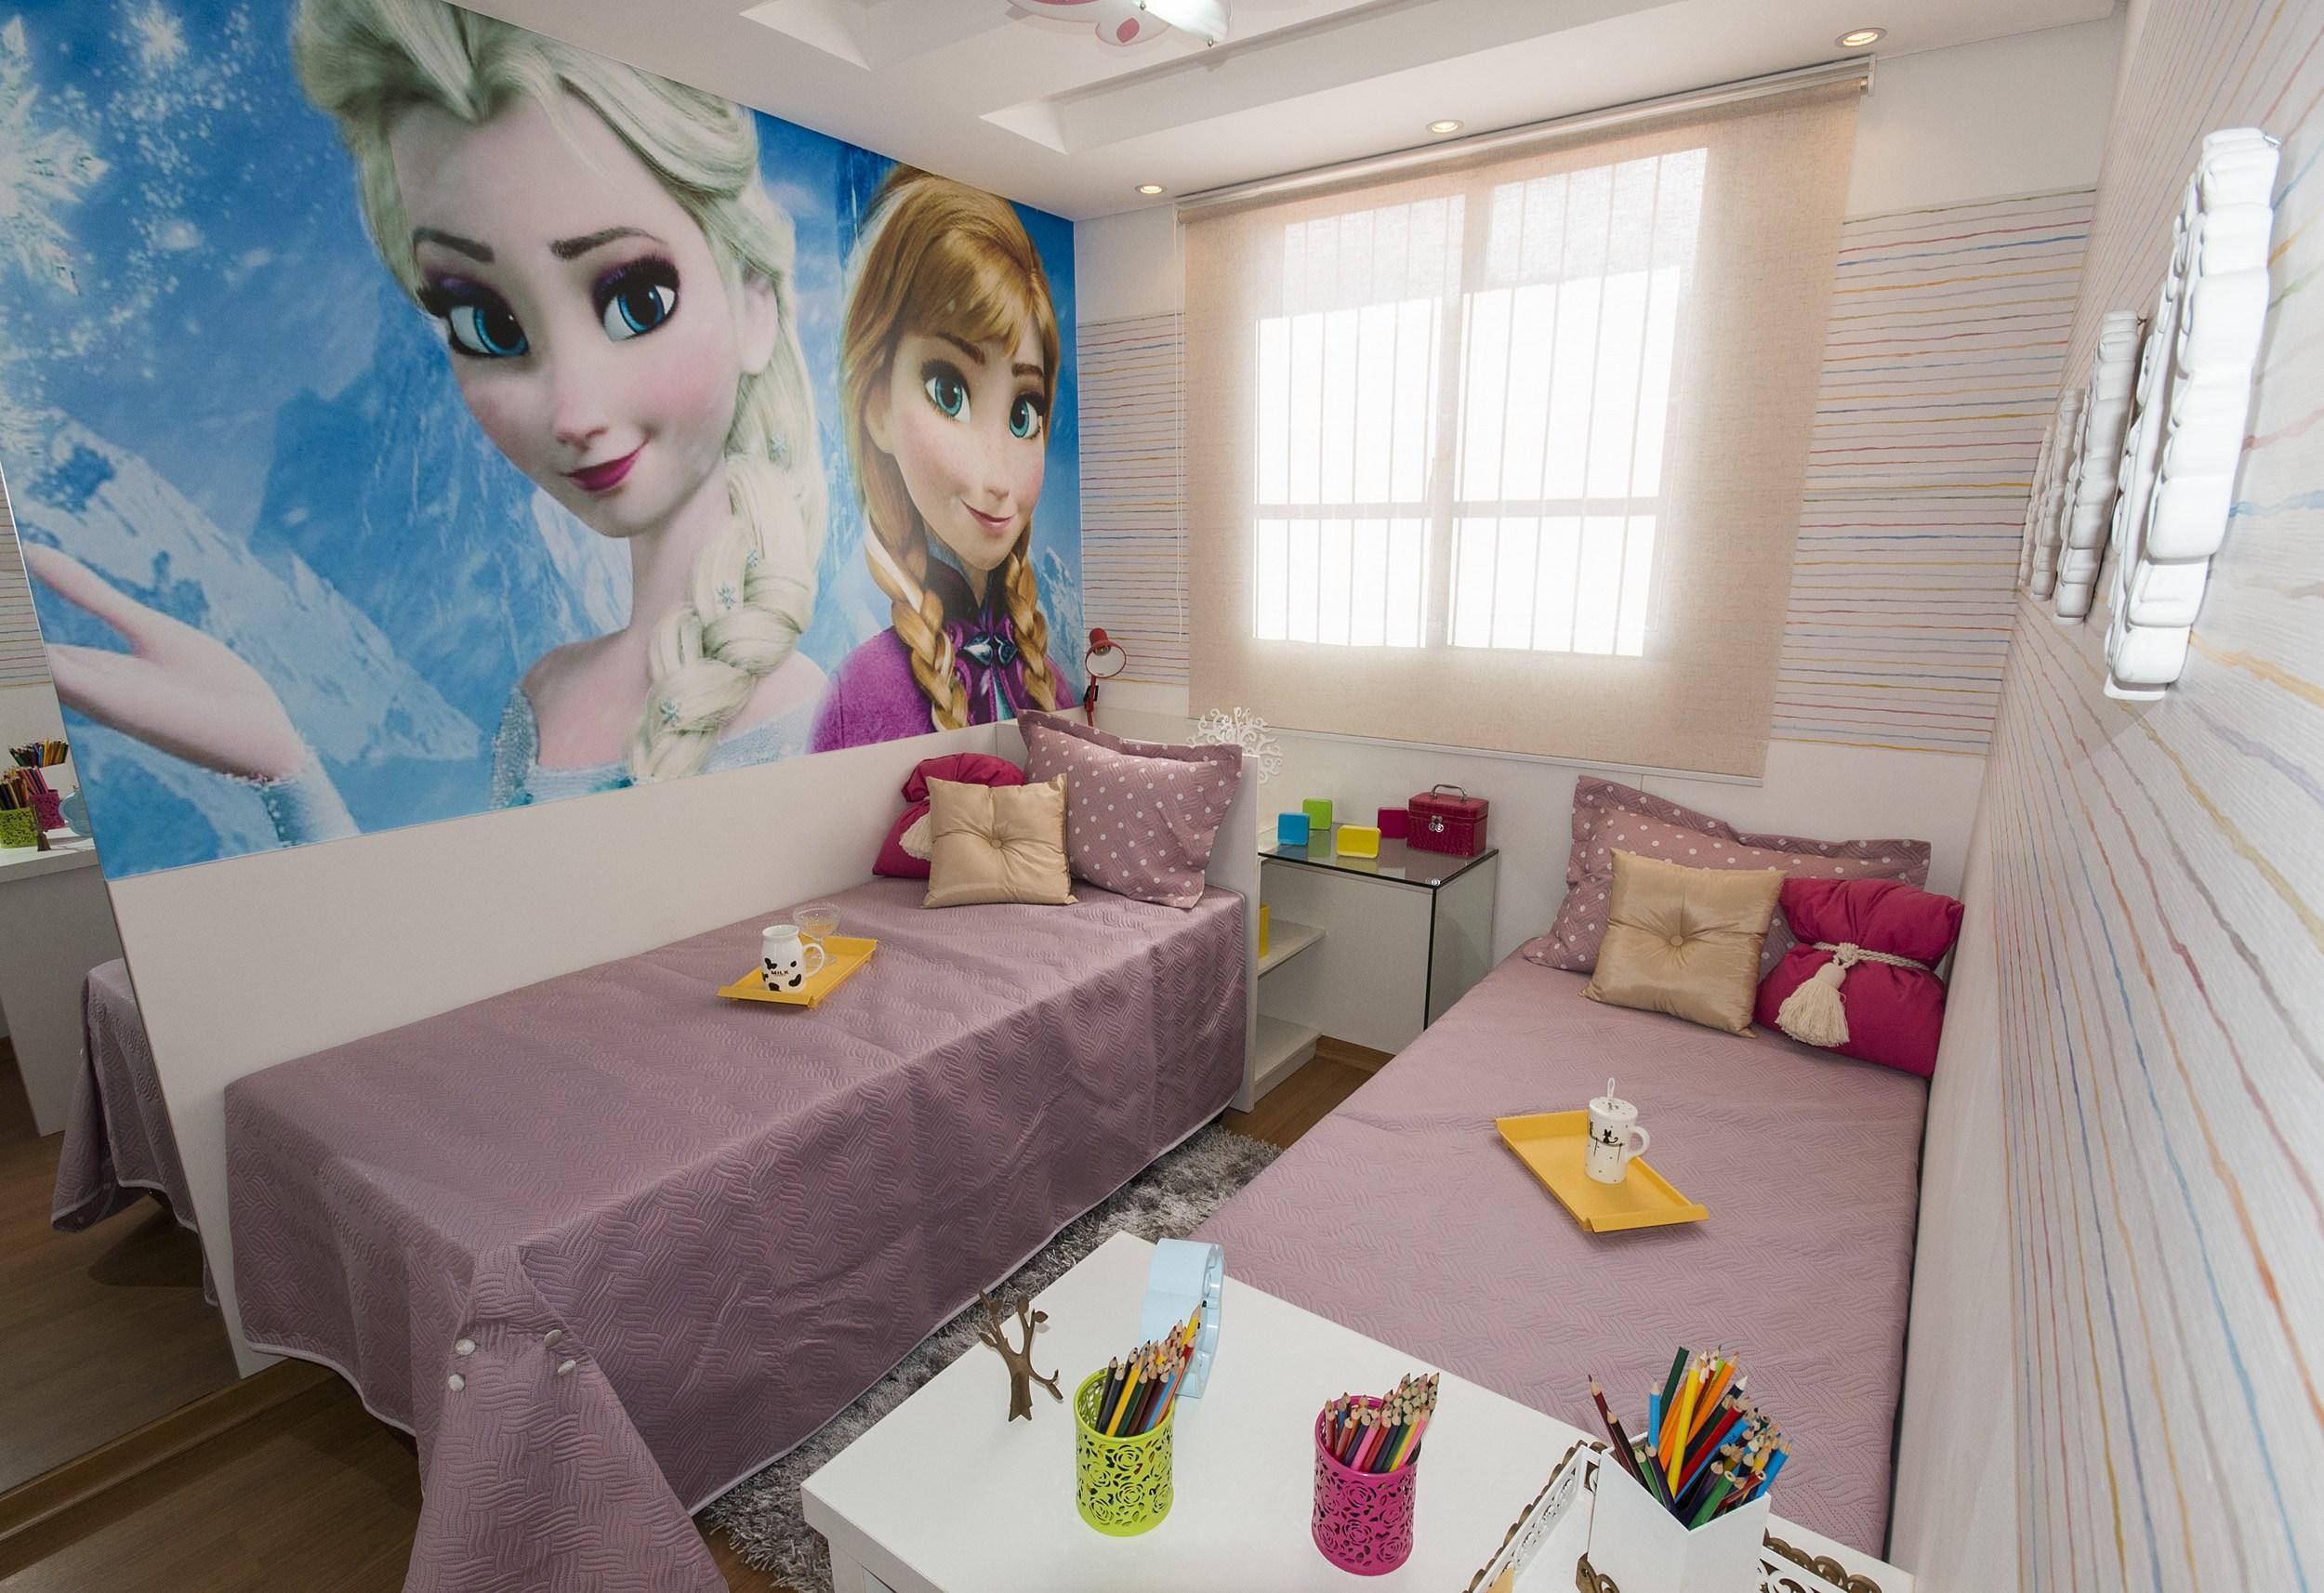 Decoracao Quarto Infantil Londrina ~ Decora??o linda para quarto de menina (Foto Ilustra??o)